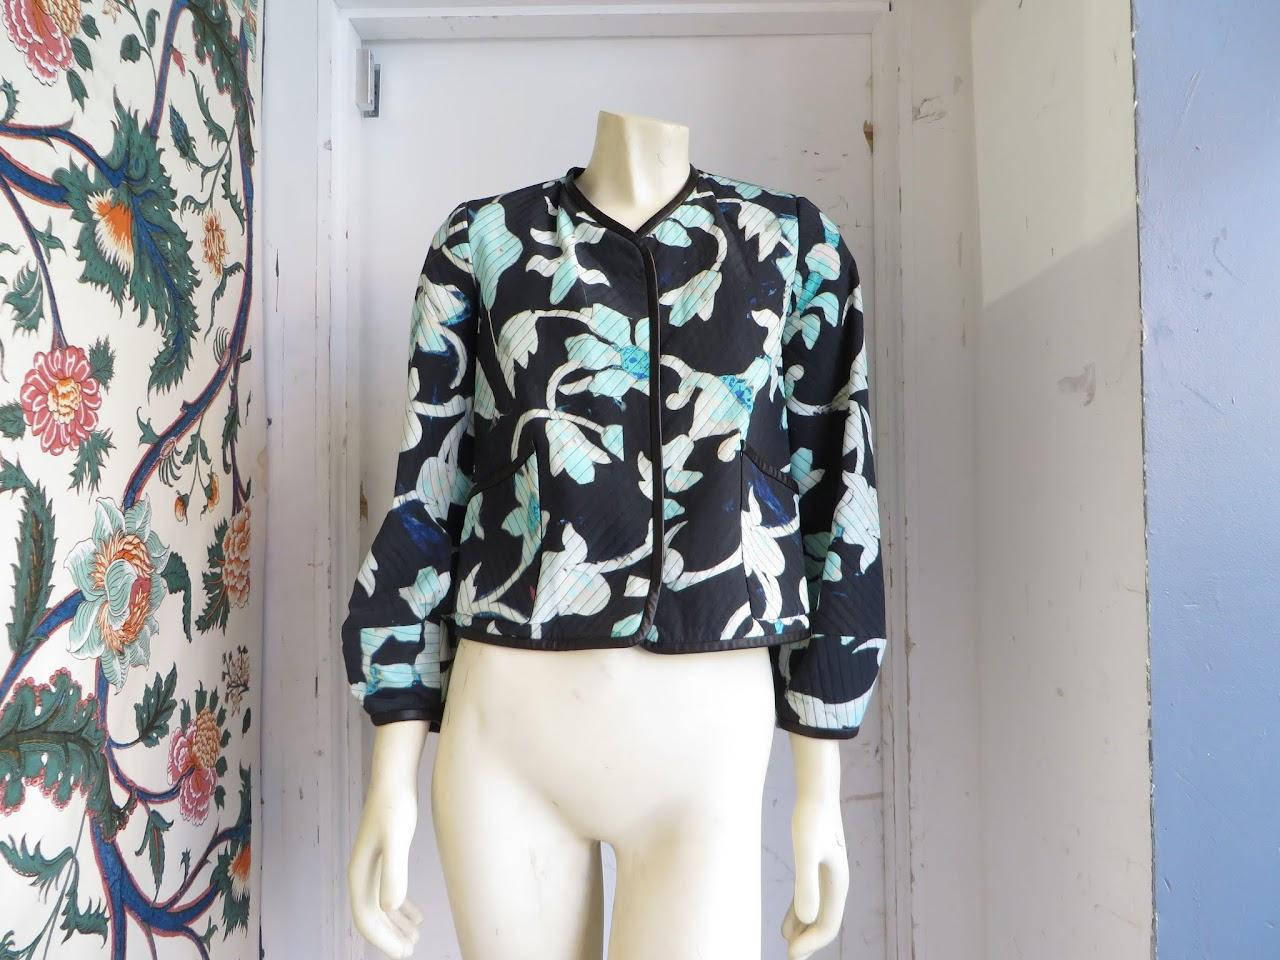 Oscar de la Renta Quilted Floral Jacket